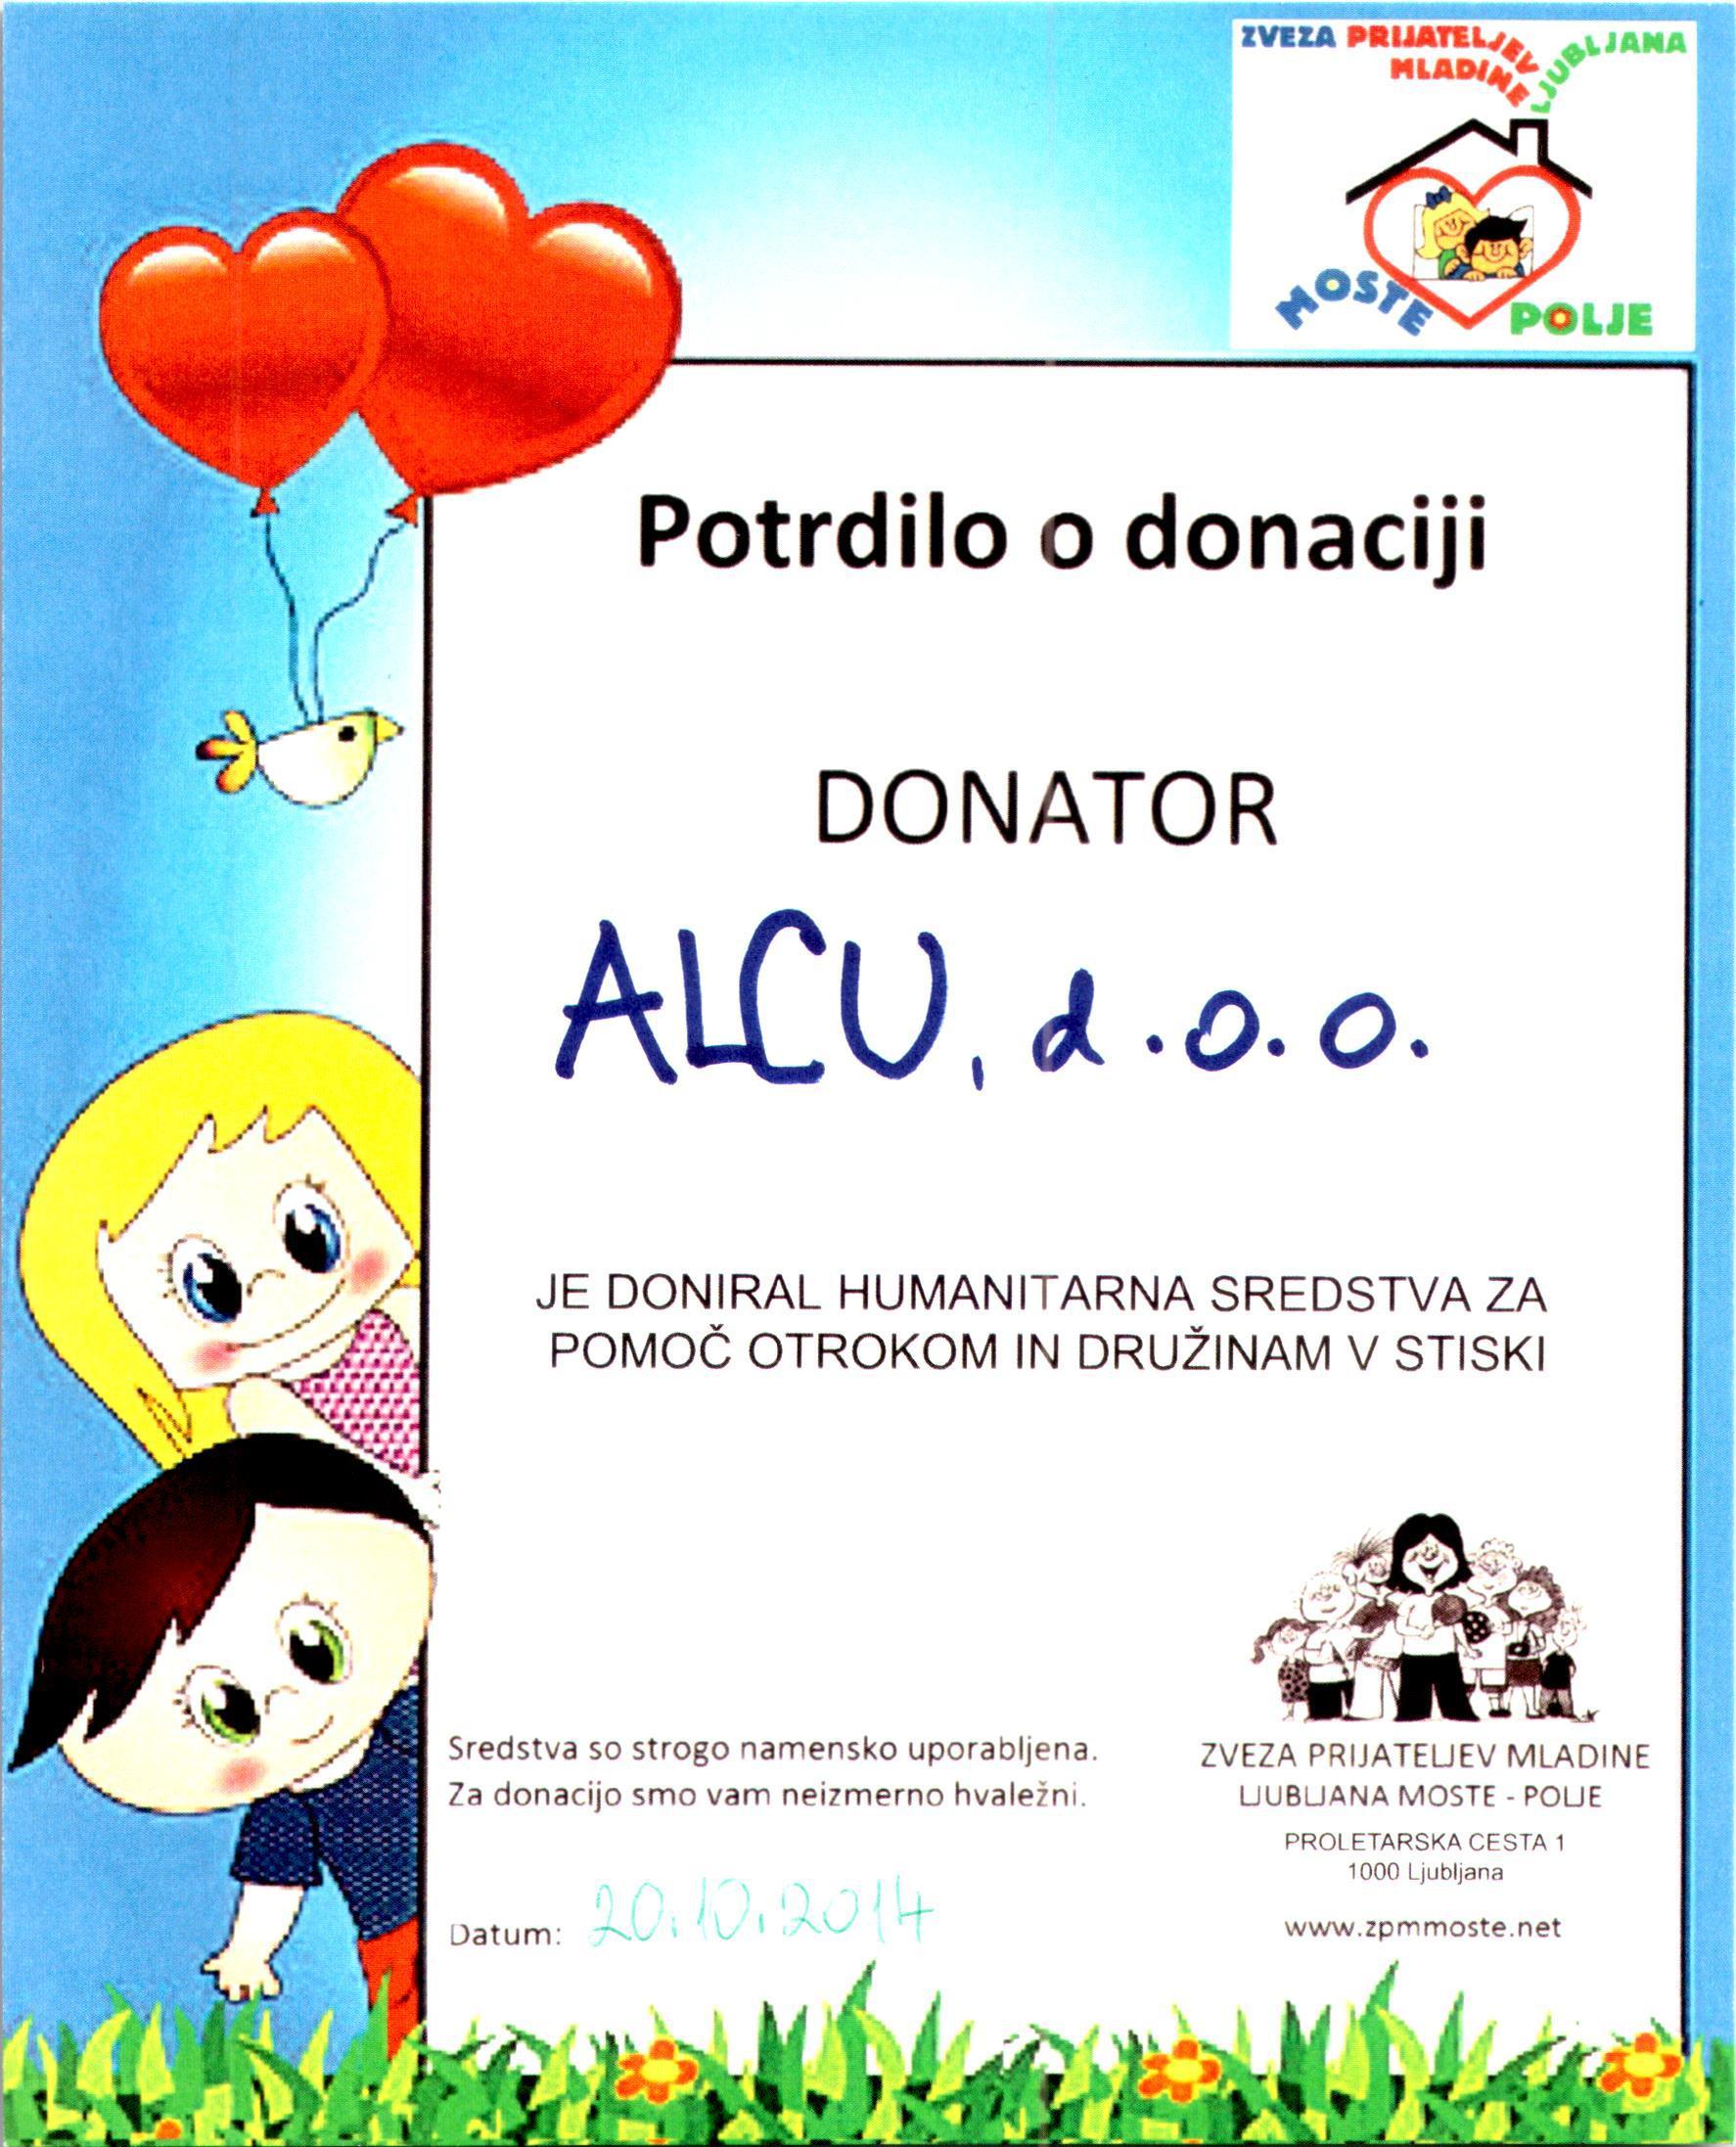 Donacija sredstev za pomoč otrokom.